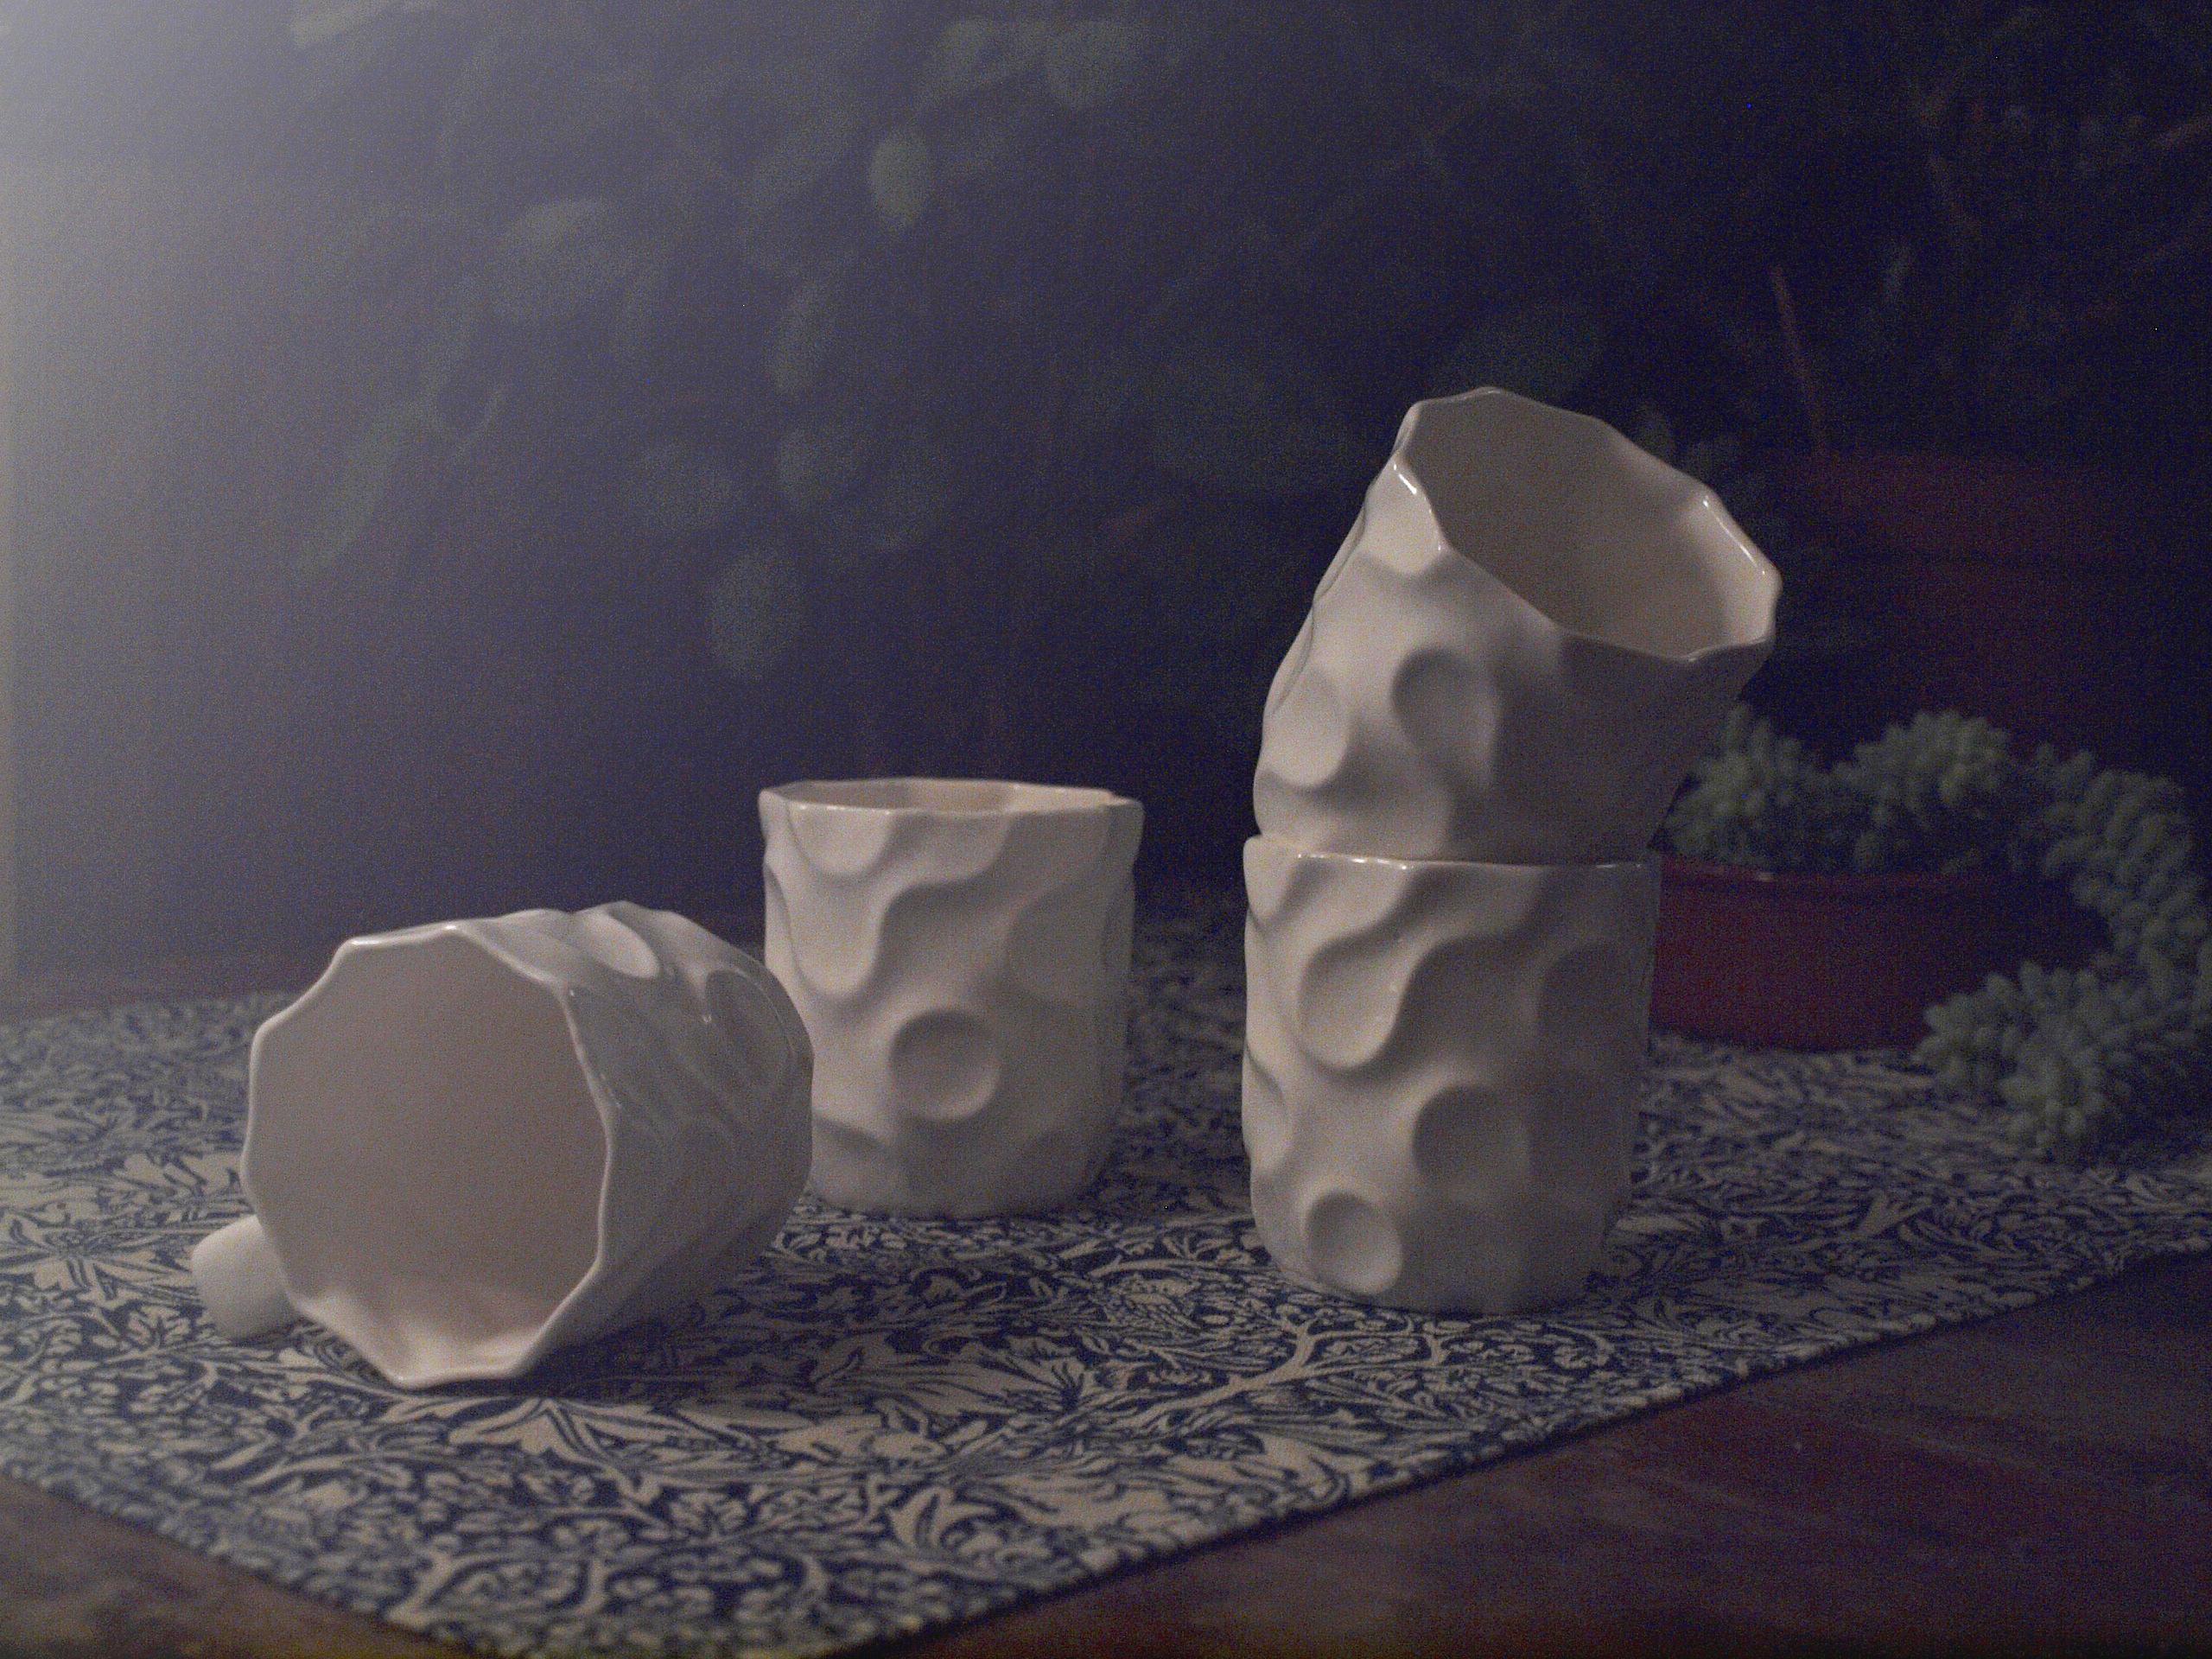 3. EMA mugs